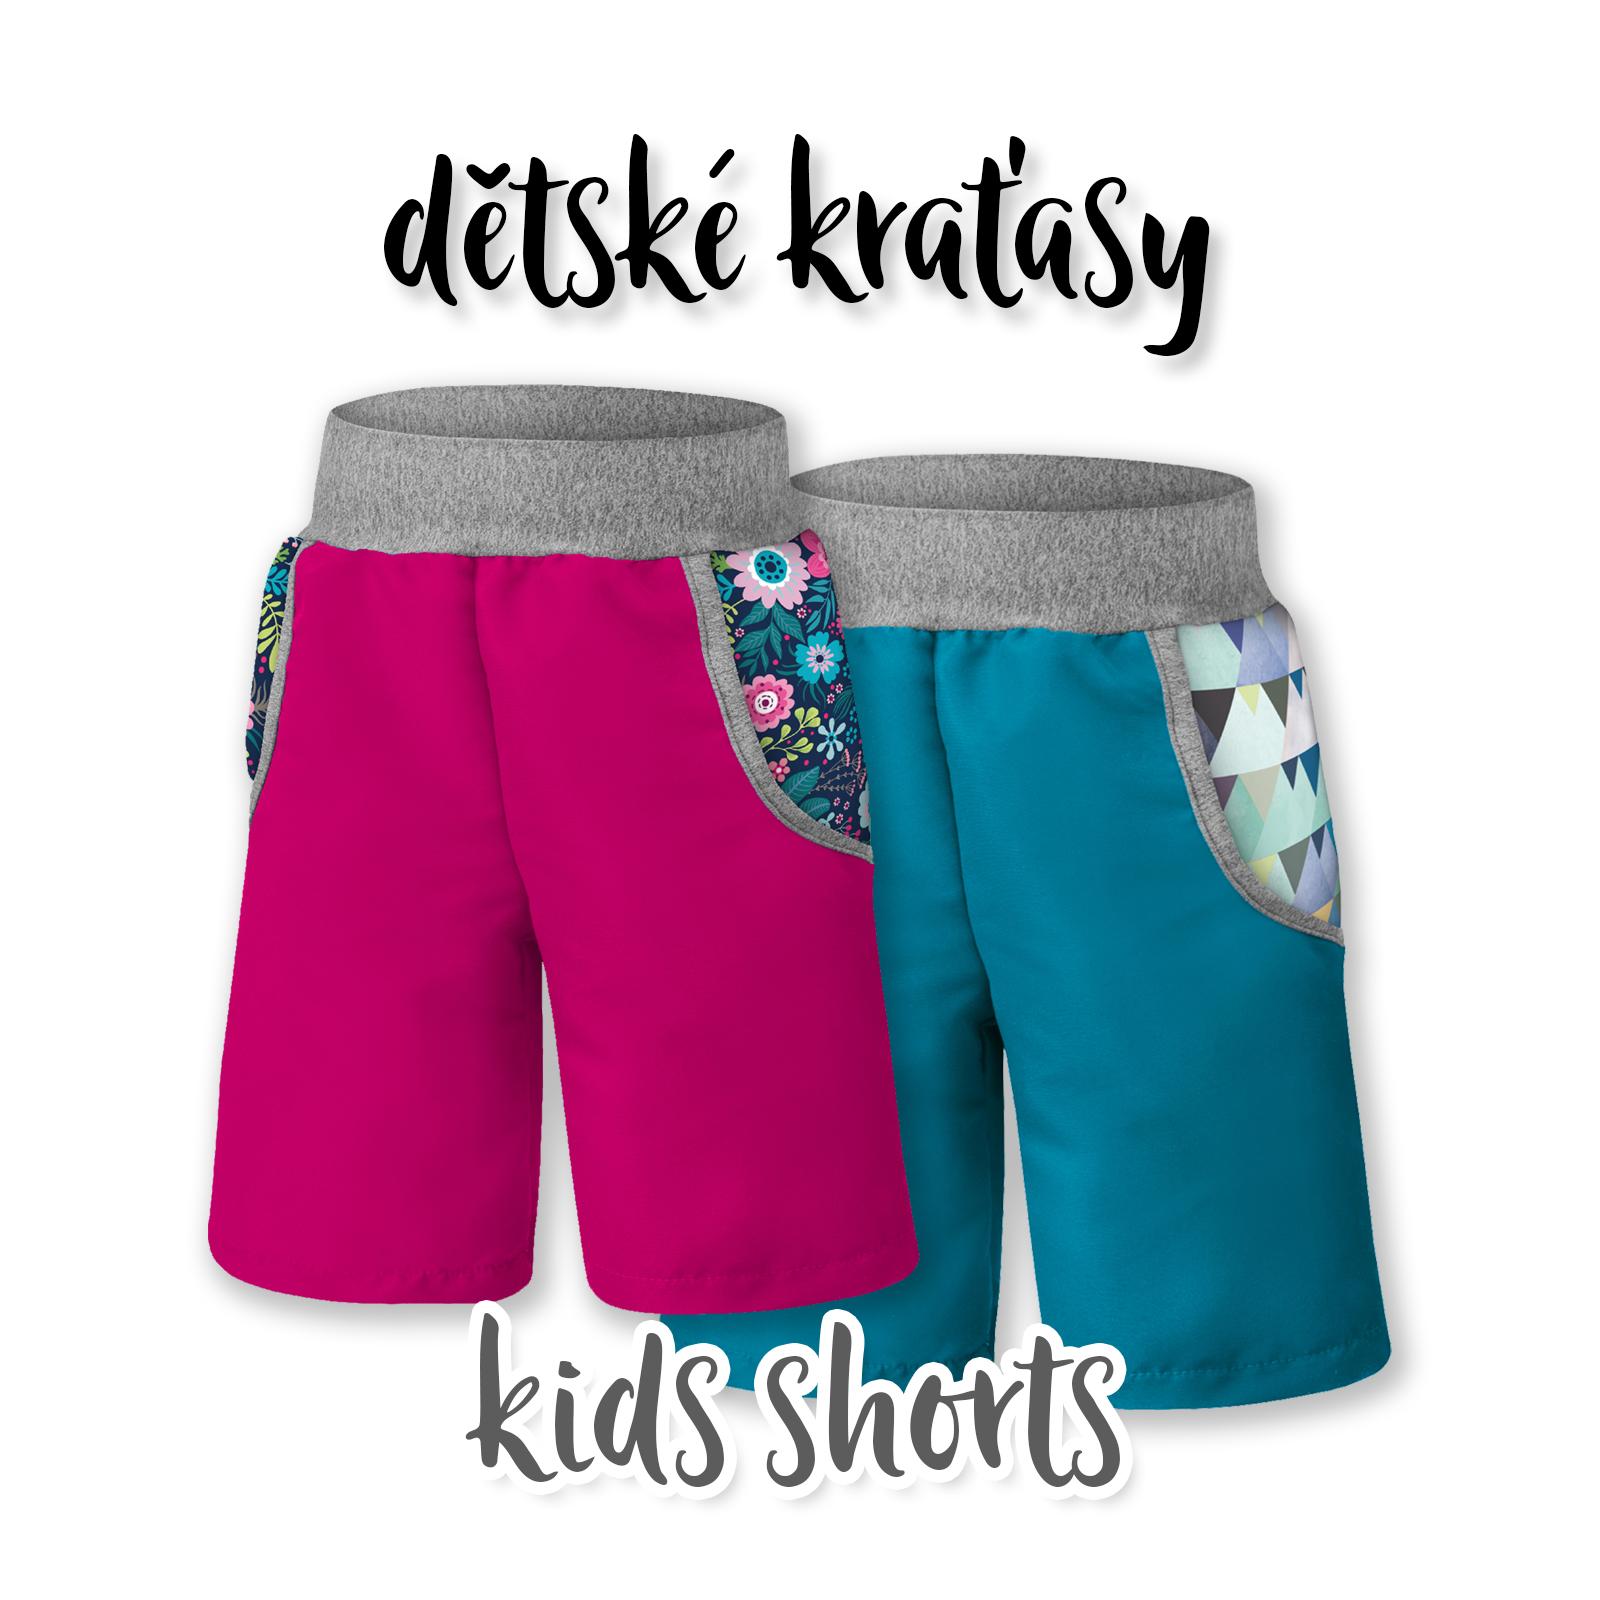 Dětské kraťasy (Children's shorts)